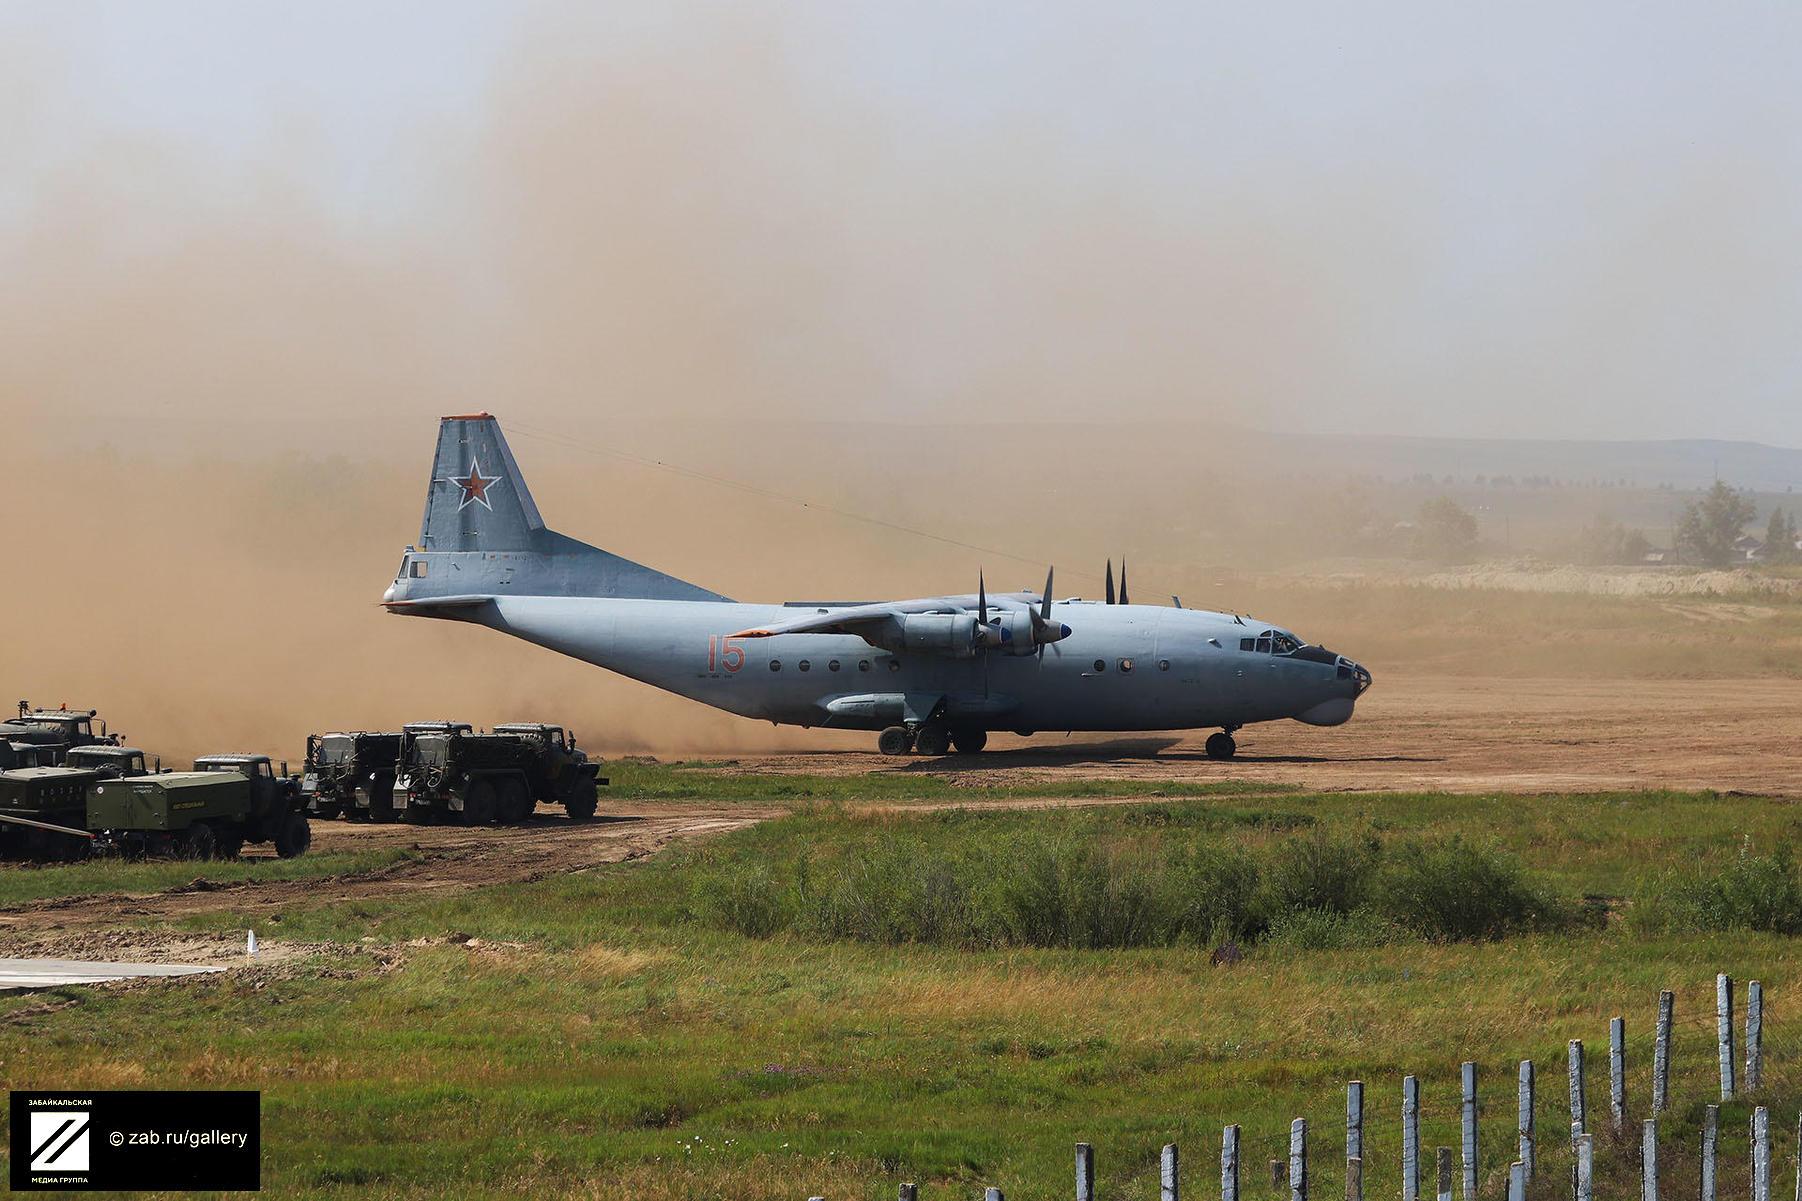 Полеты военно-транспортной авиации на грунтовую полосу на аэродроме Степь в Забайкальском крае